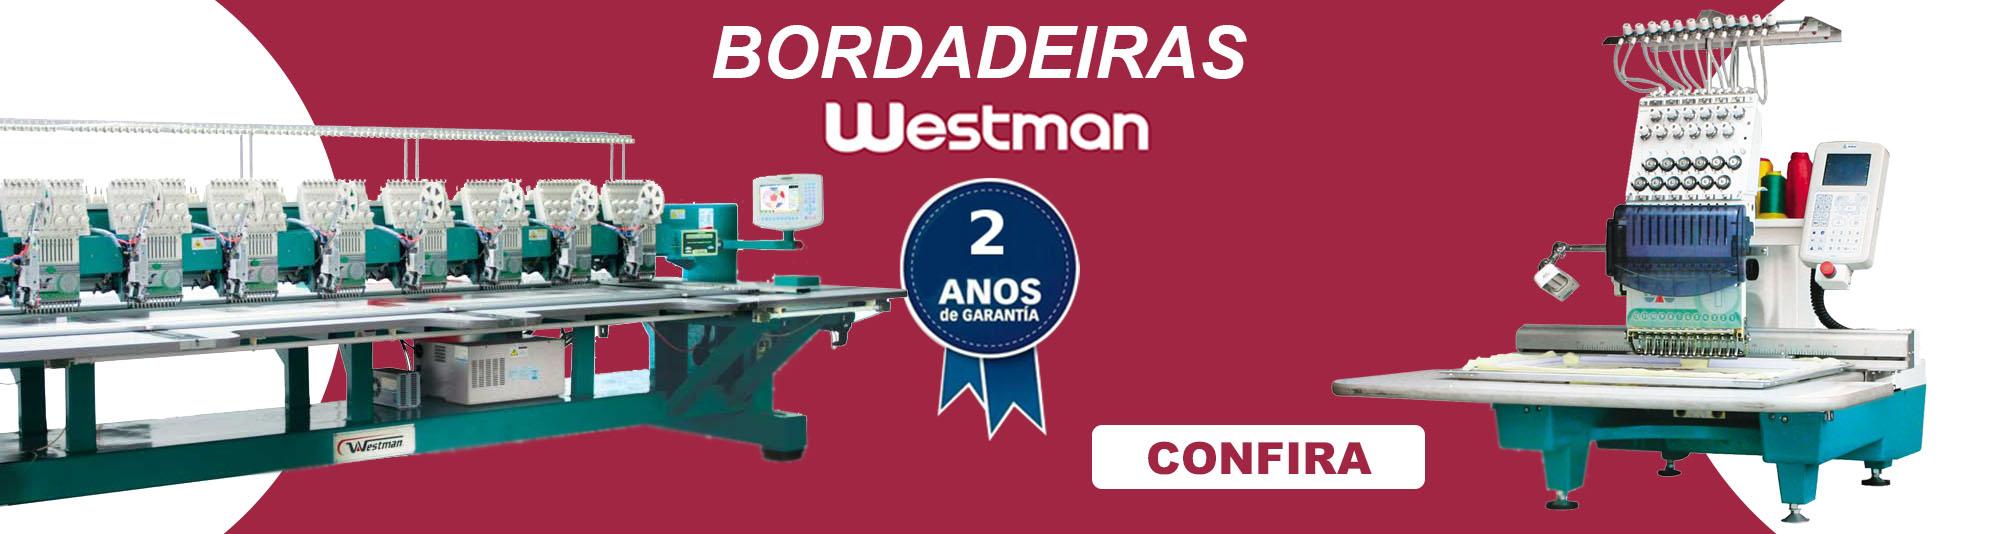 BORDADEIRA WESTMAN